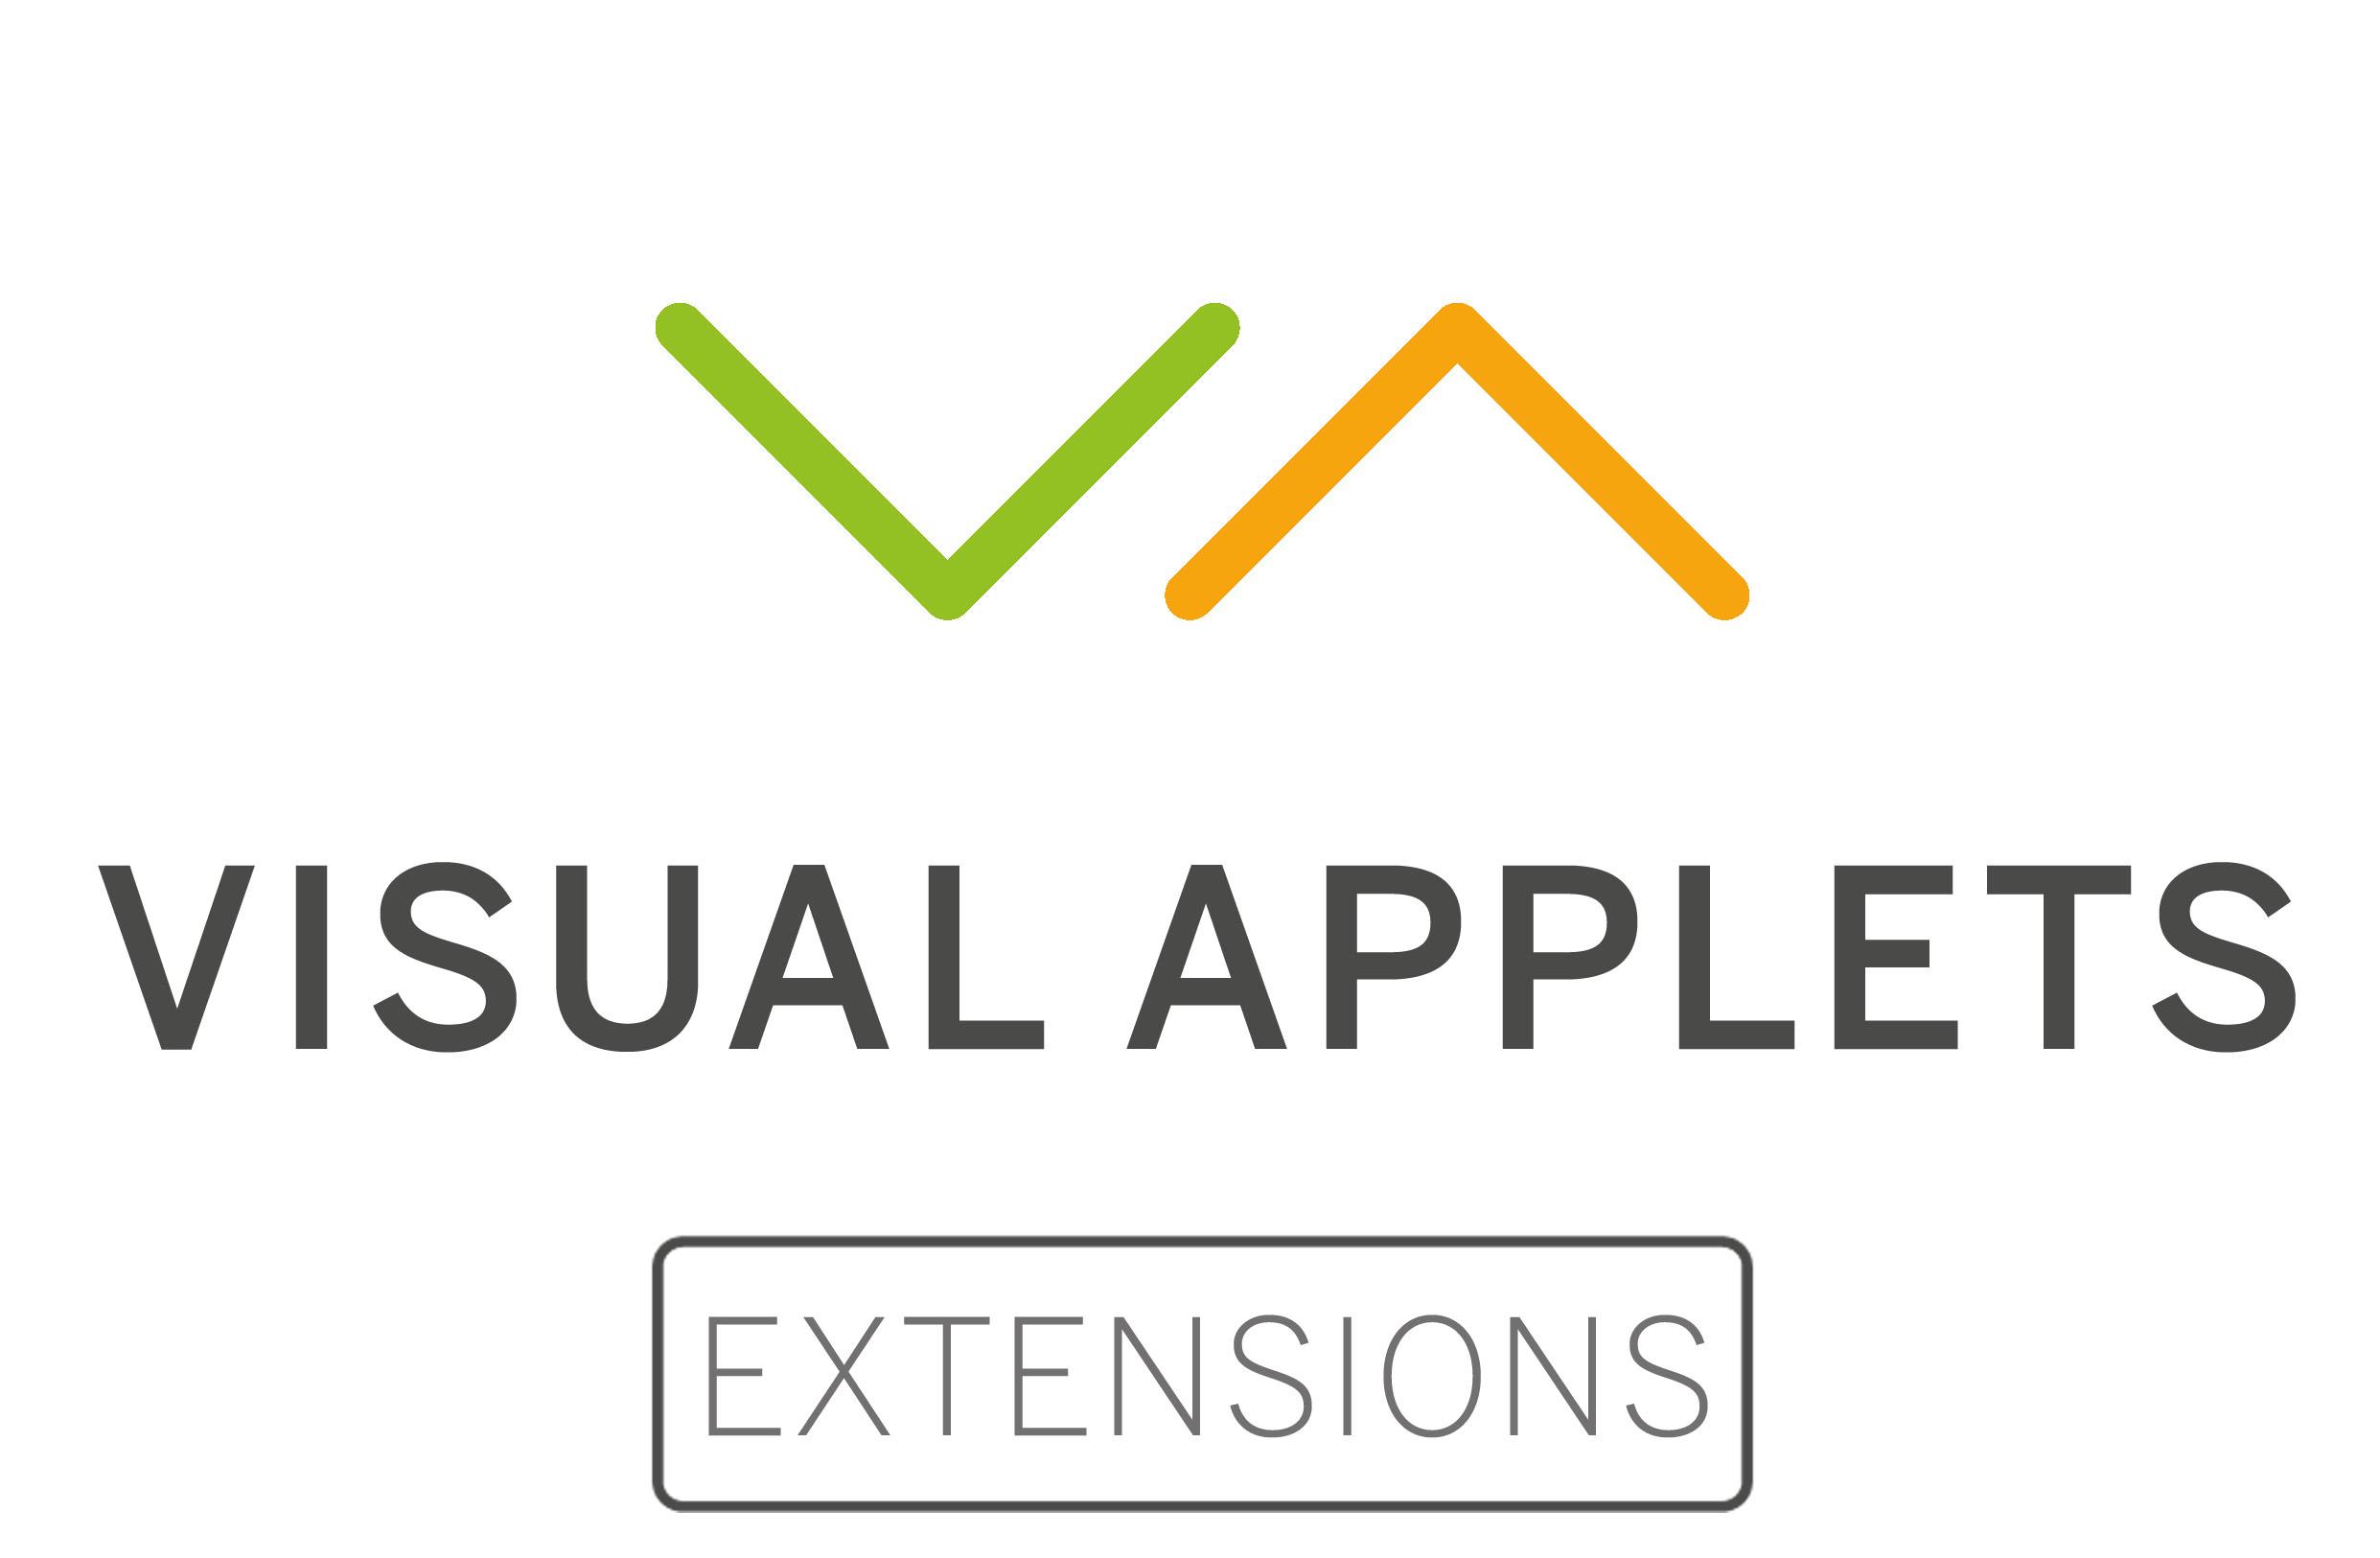 VisualApplets 3 mit Erweiterungspaketen und mehr Funktionen